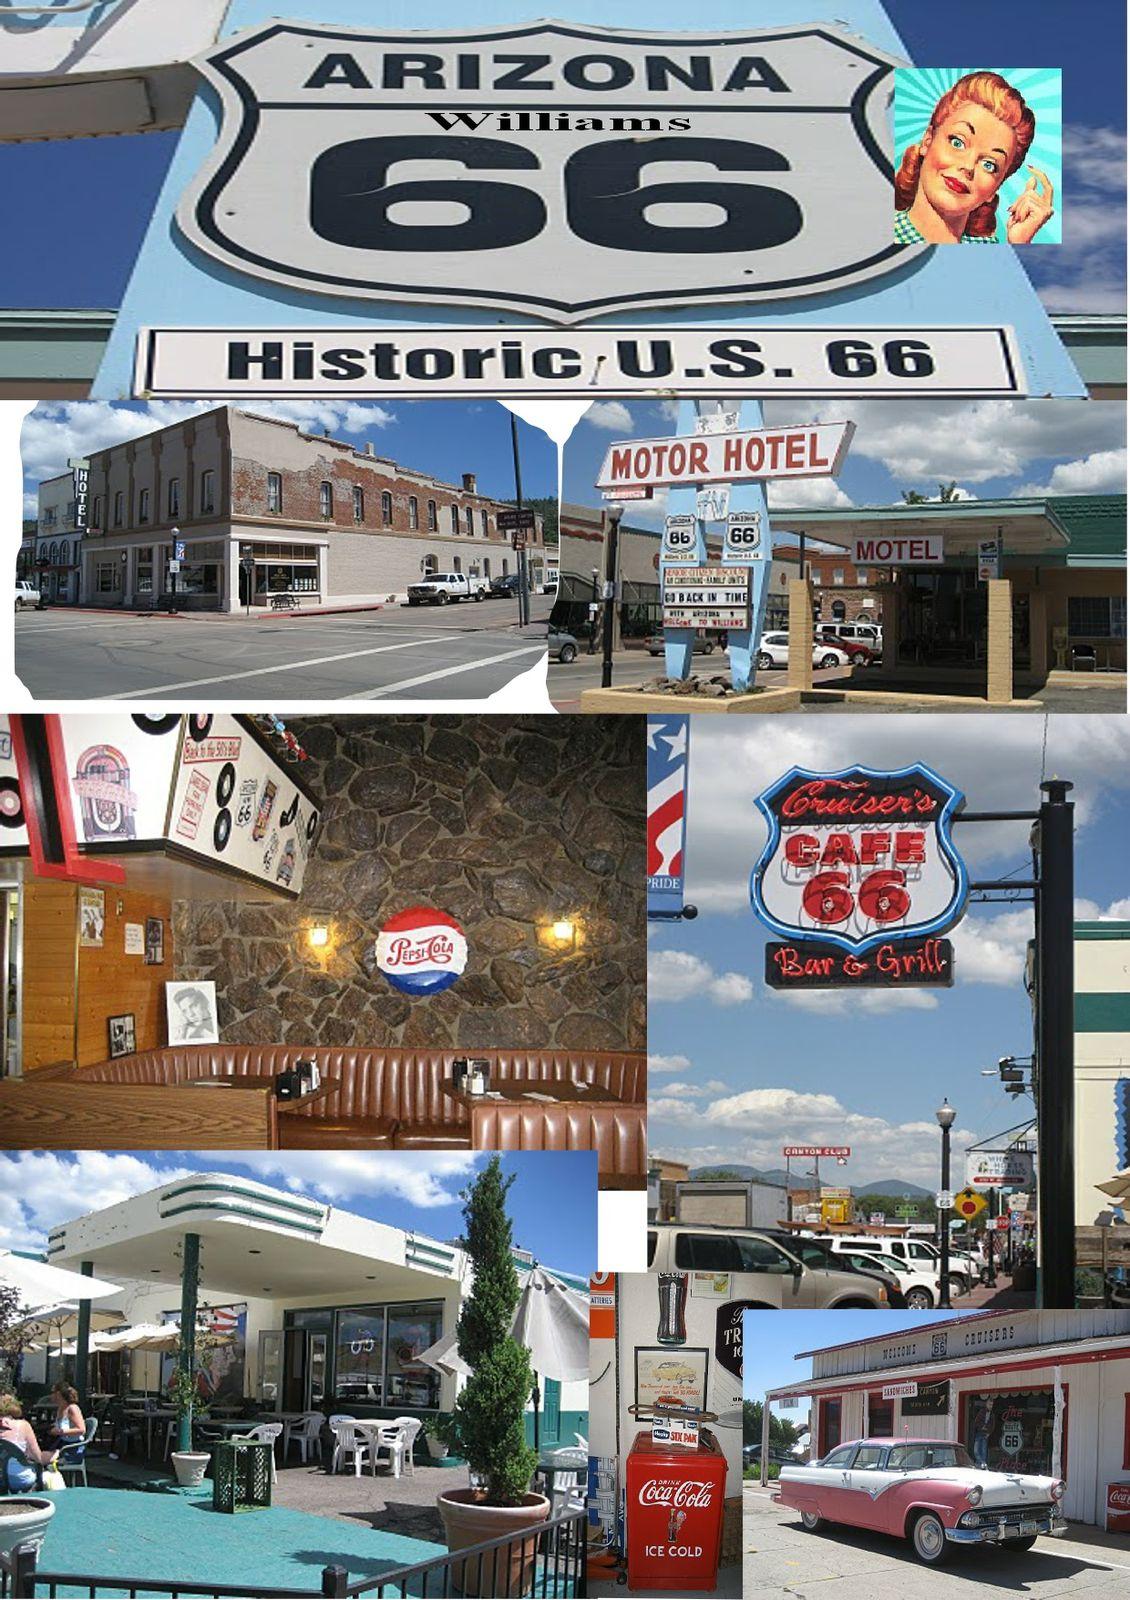 Comme figés à l'époque où les rutilantes automobiles défilaient encore sur la Route 66, les bâtiments de  Williams retrouvent une deuxième vie. Entre cowboys, magasins de souvenirs, musées autour de la 66,  bâtiments historiques et bières brassées sur place, il y a de quoi passer une très bonne soirée.   En été, chaque soir vers 18h00, des cowboys se défient sur la rue principale, au cours de burlesques « guns fights ». Pour les amoureux de l'ouest, Williams reste une halte incontournable.